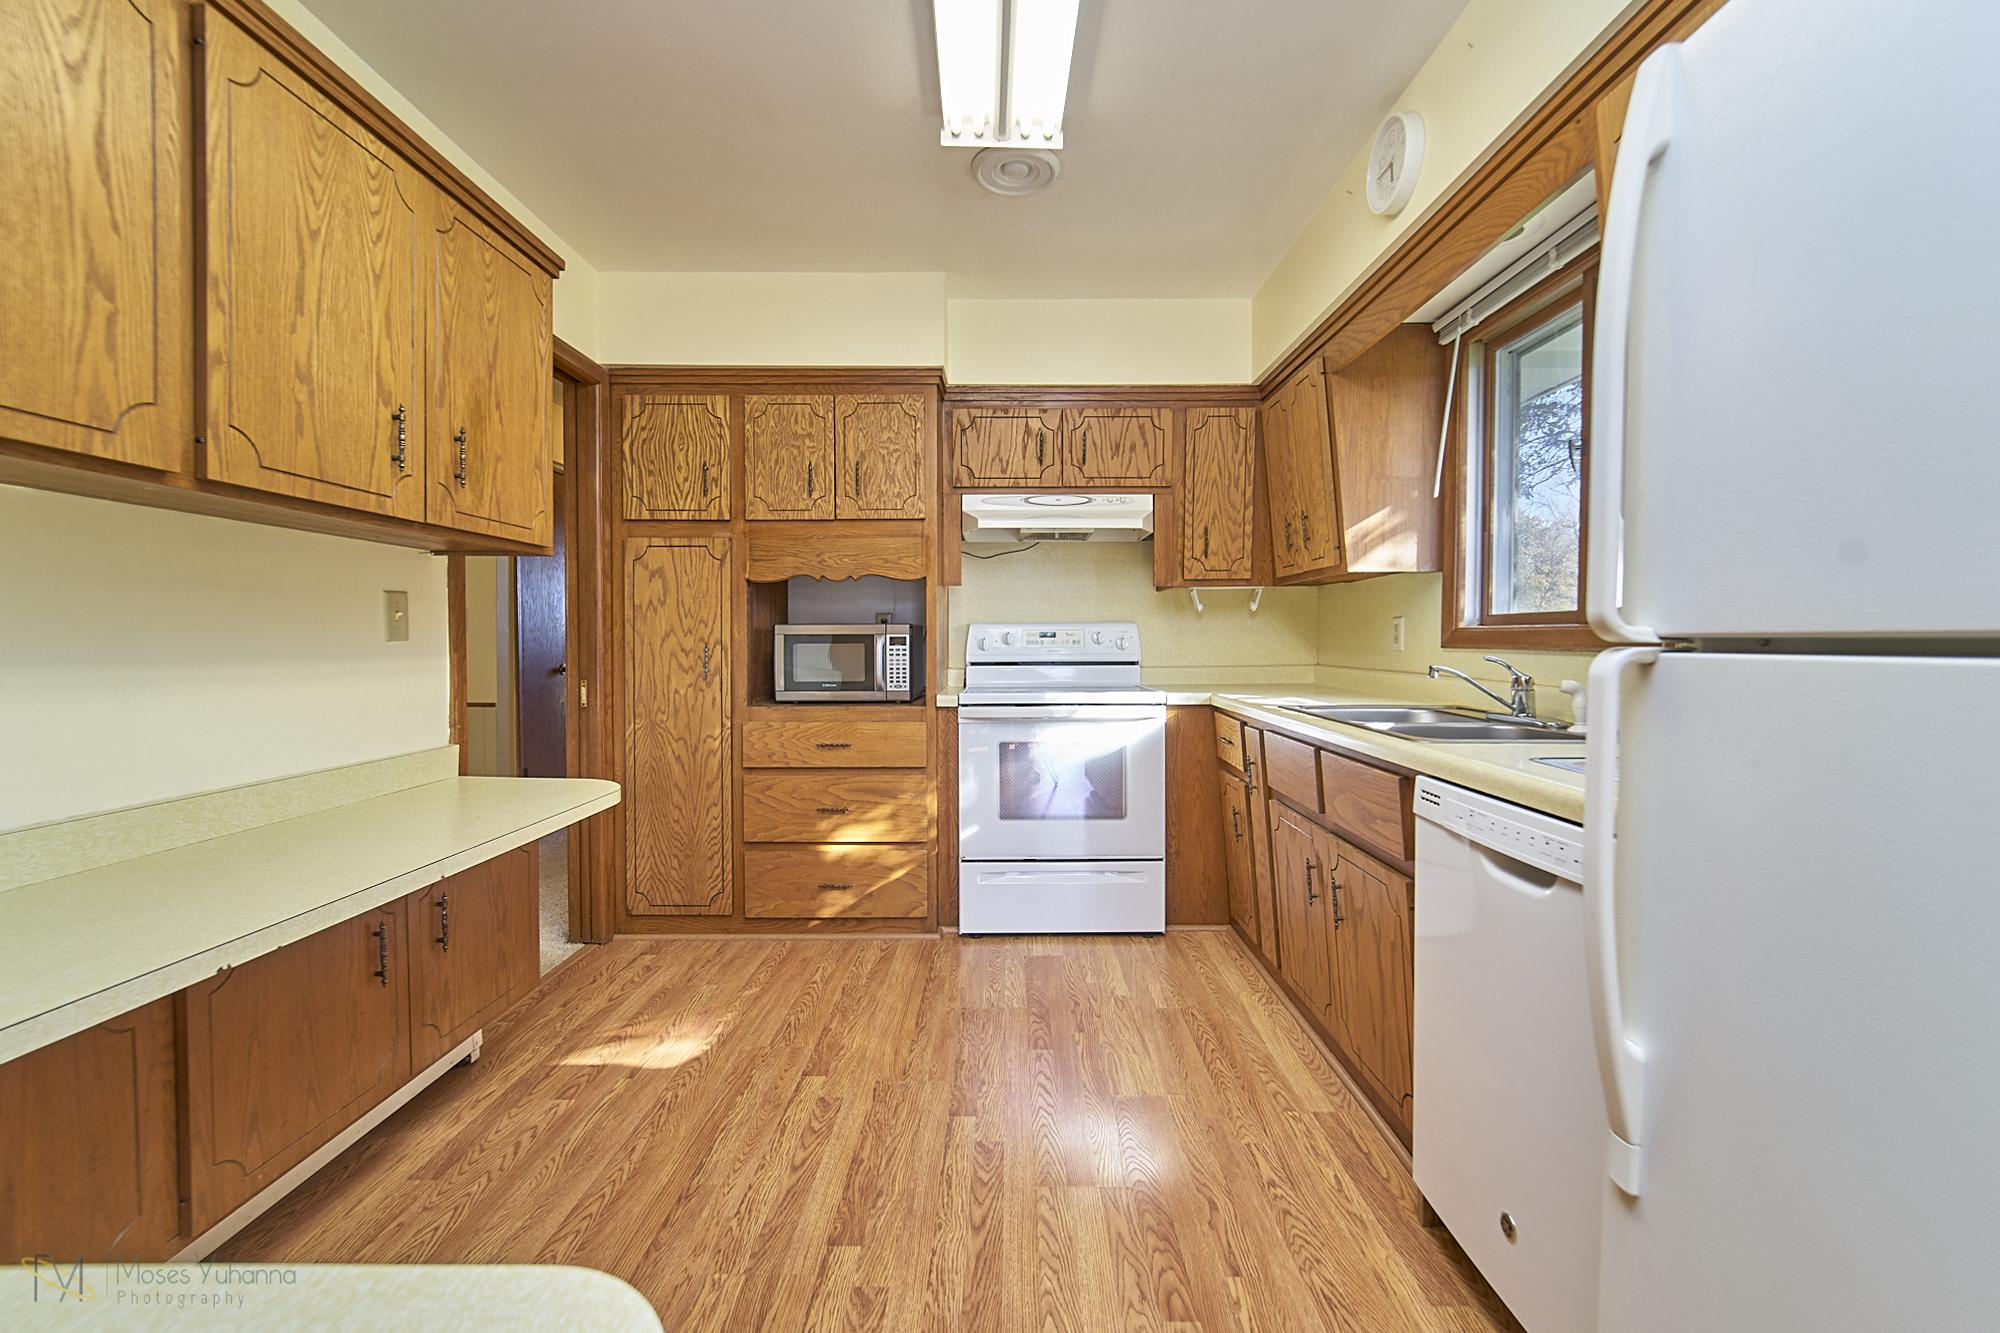 8166-Rondeau-Lake-Rd-E-Lino Lakes-13-kitchen.jpg